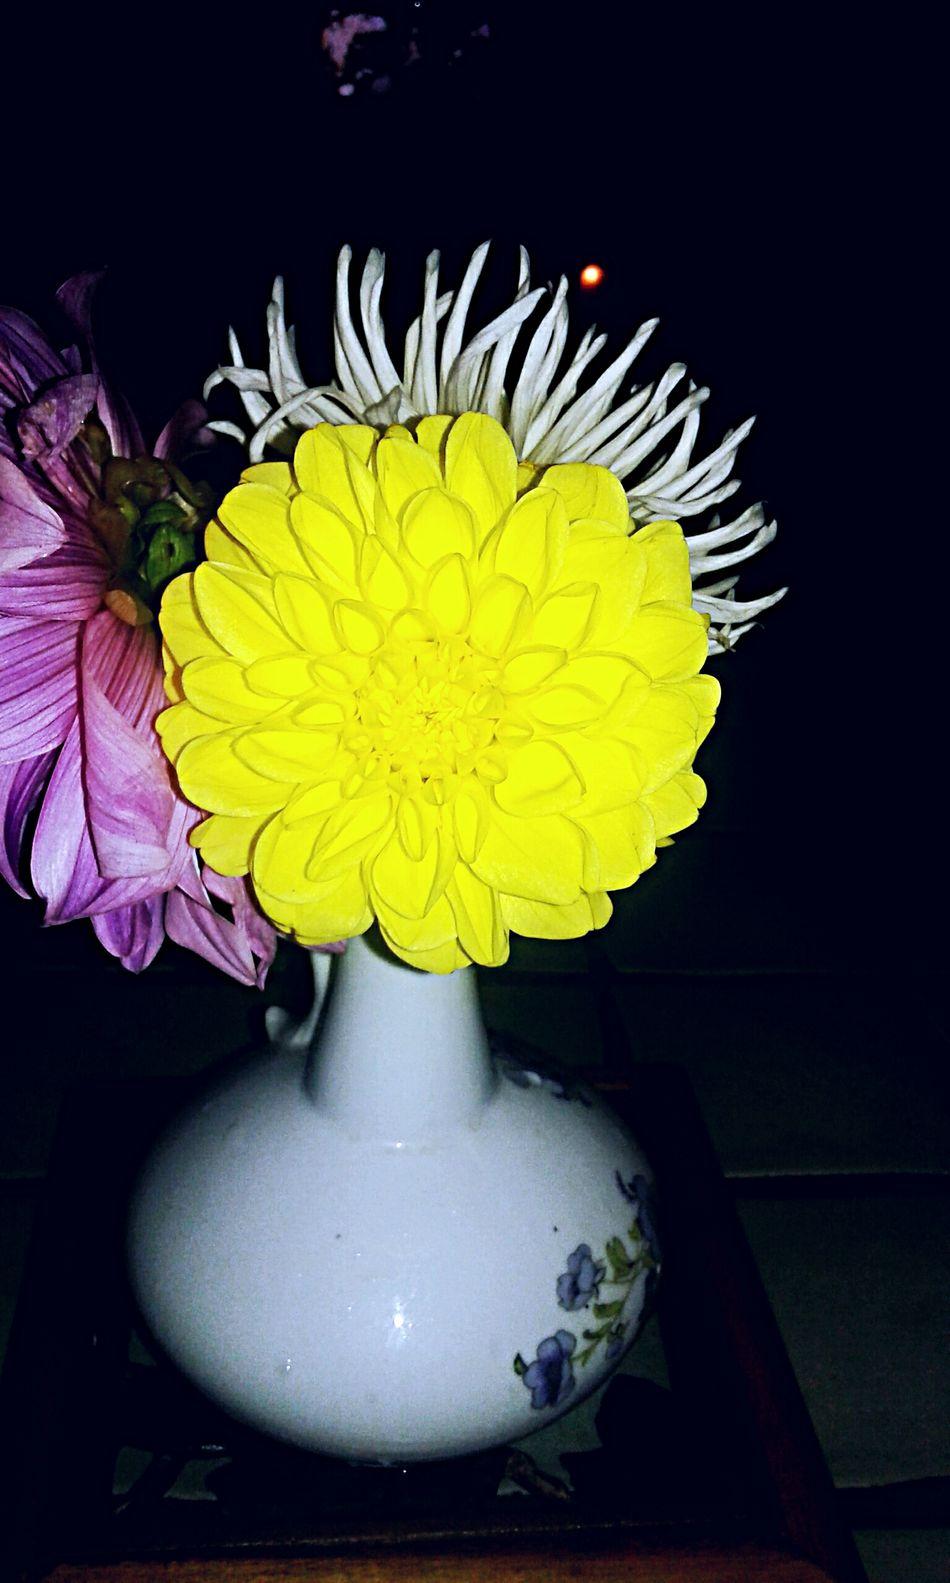 Lovely summer 😍 Lovelysummerday Flowers LoveFlowers🌸 Time To Relex Chilling Time